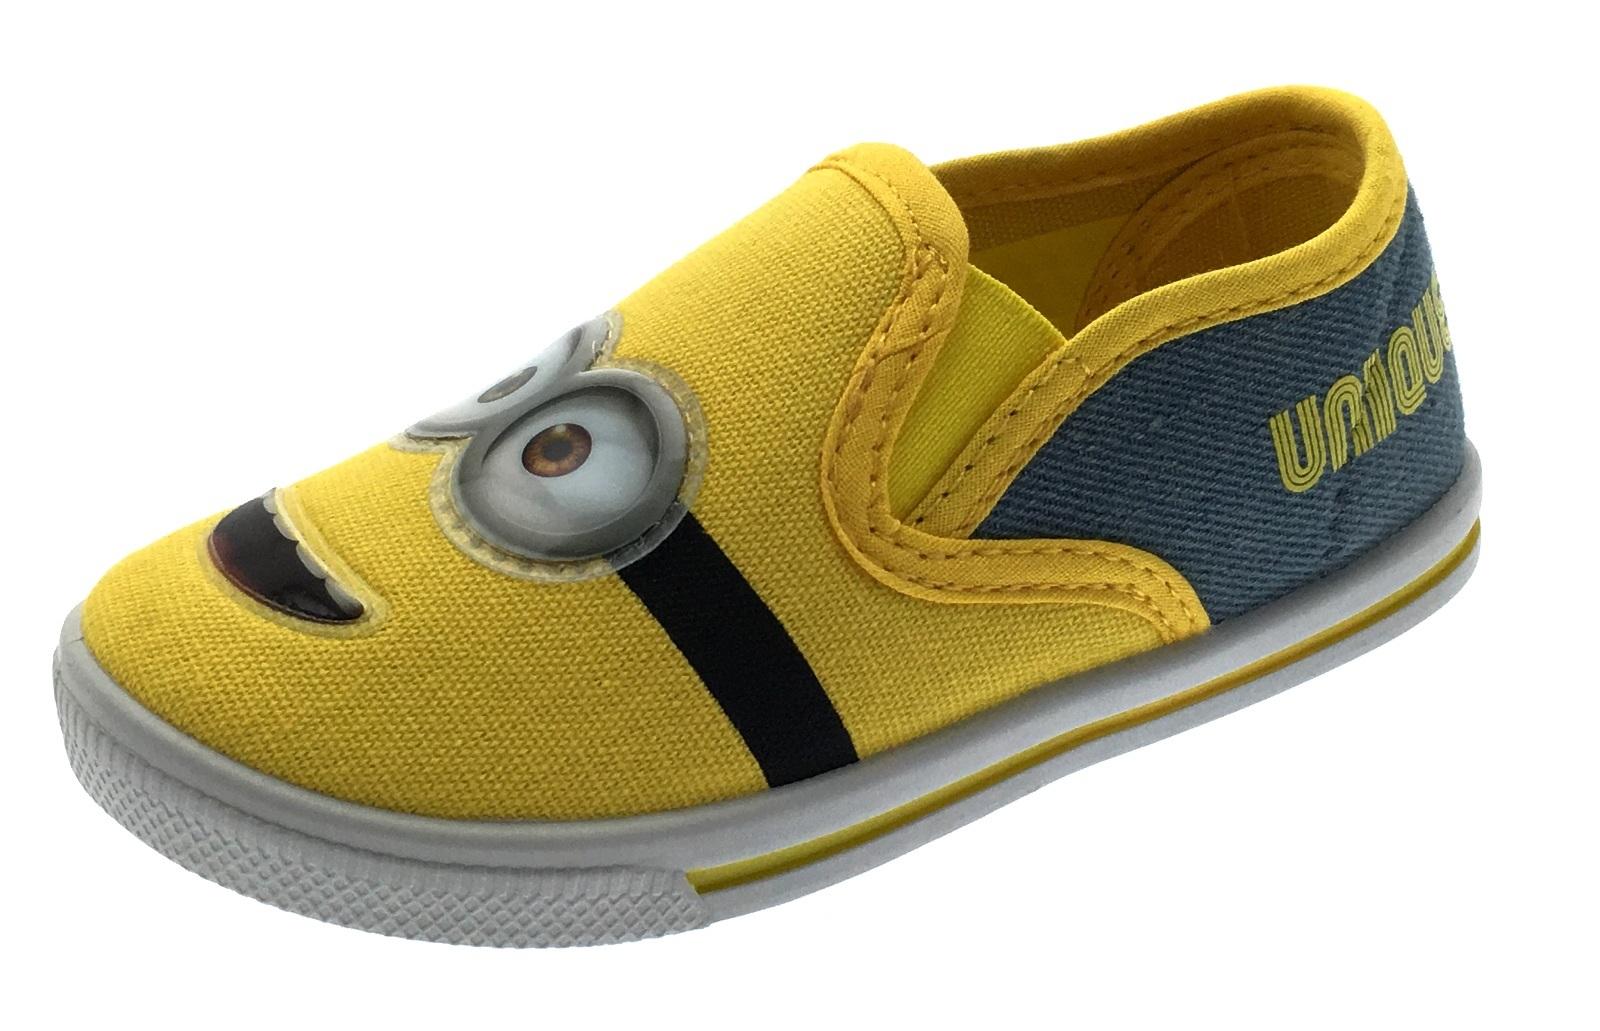 Enfants-Toile-Pompes-Garcons-Filles-Personnage-Baskets-D-039-ete-Chaussures-Decontractees-Tennis